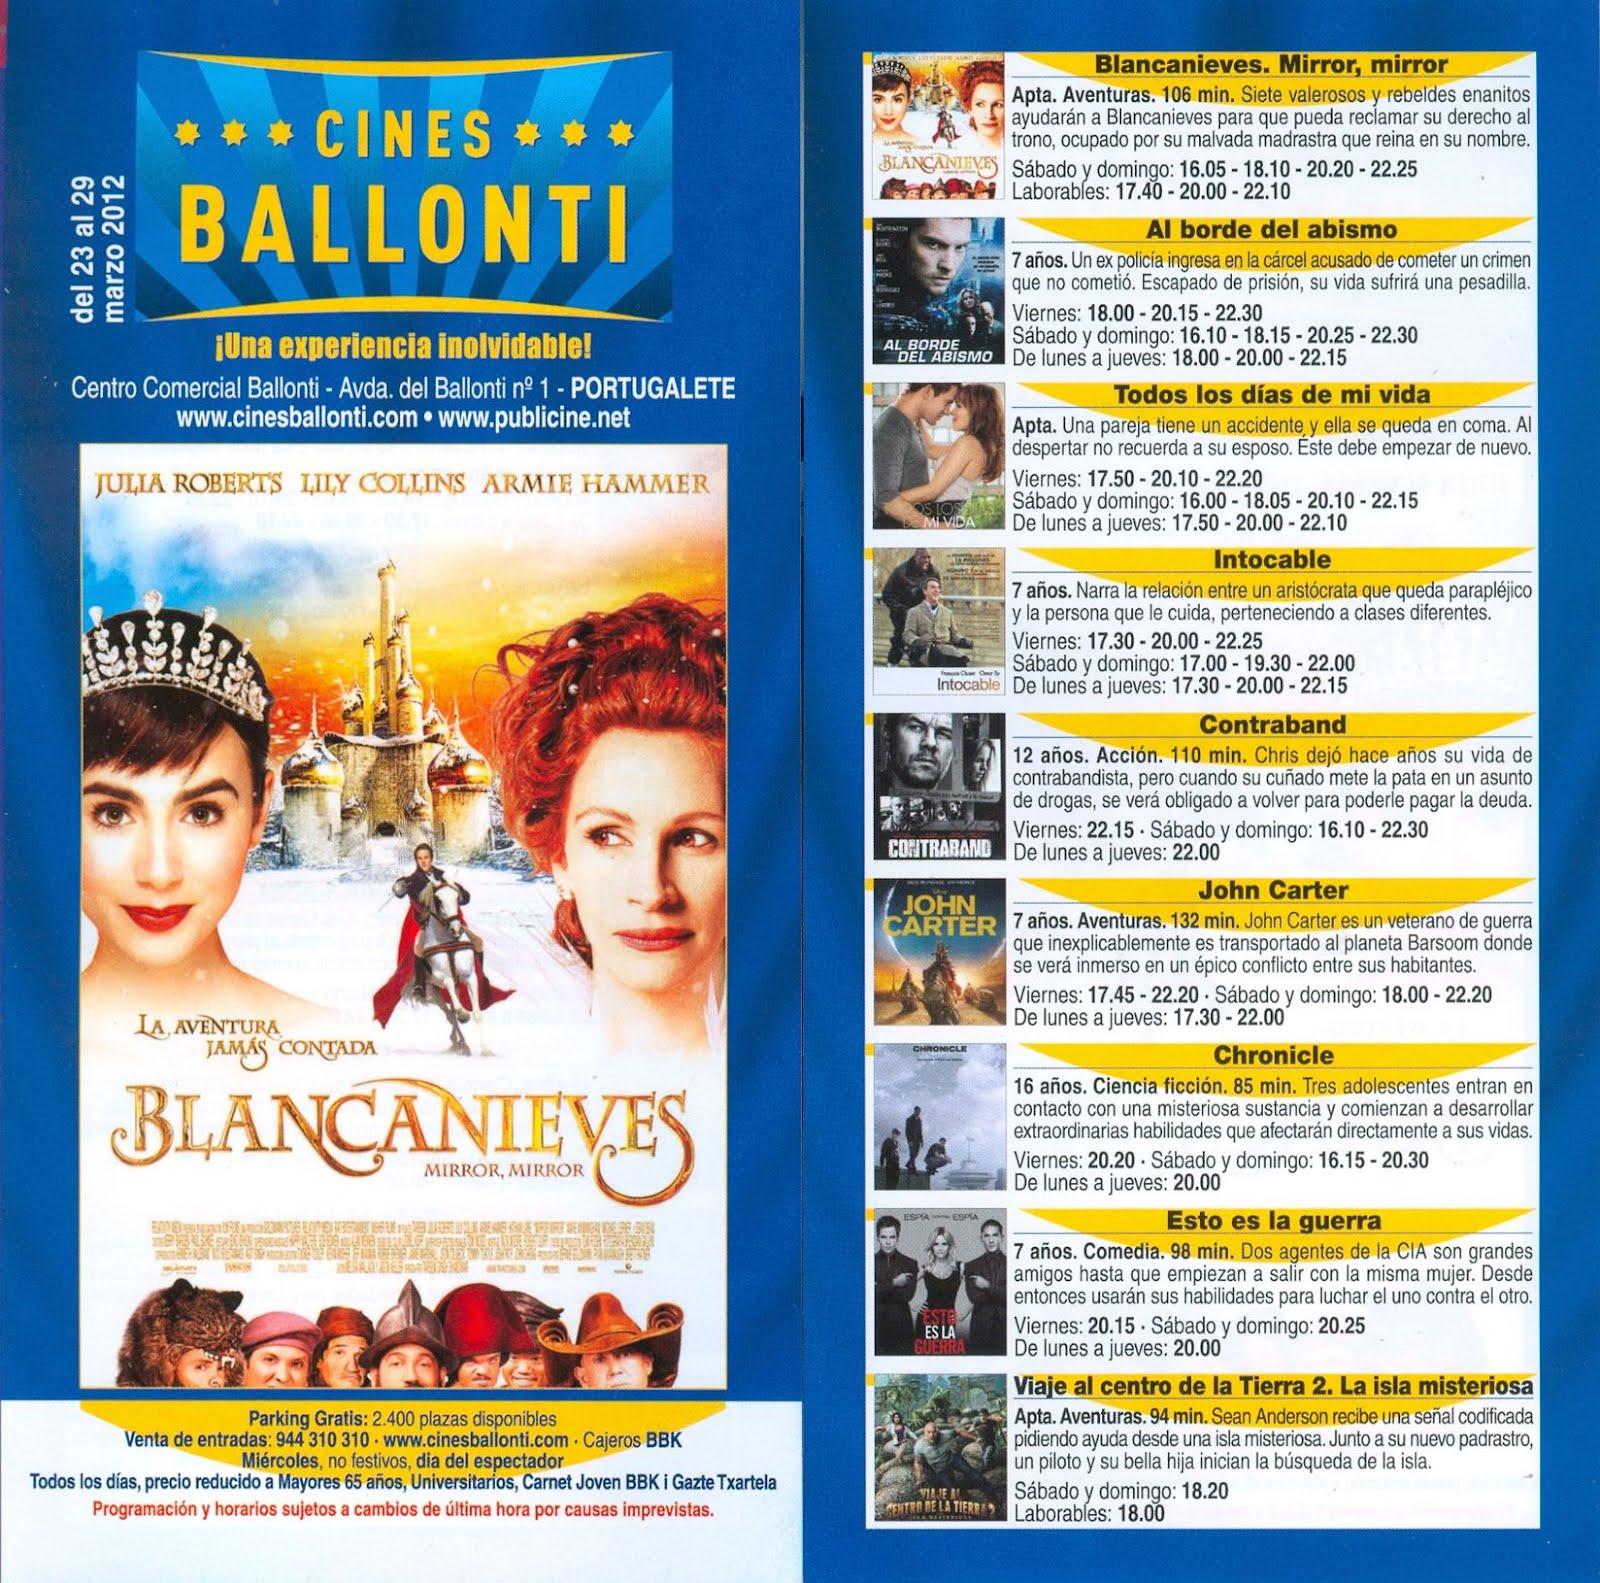 El rinc n de ben reilly cartelera de los cines ballonti - Cartelera cine de verano aguadulce ...